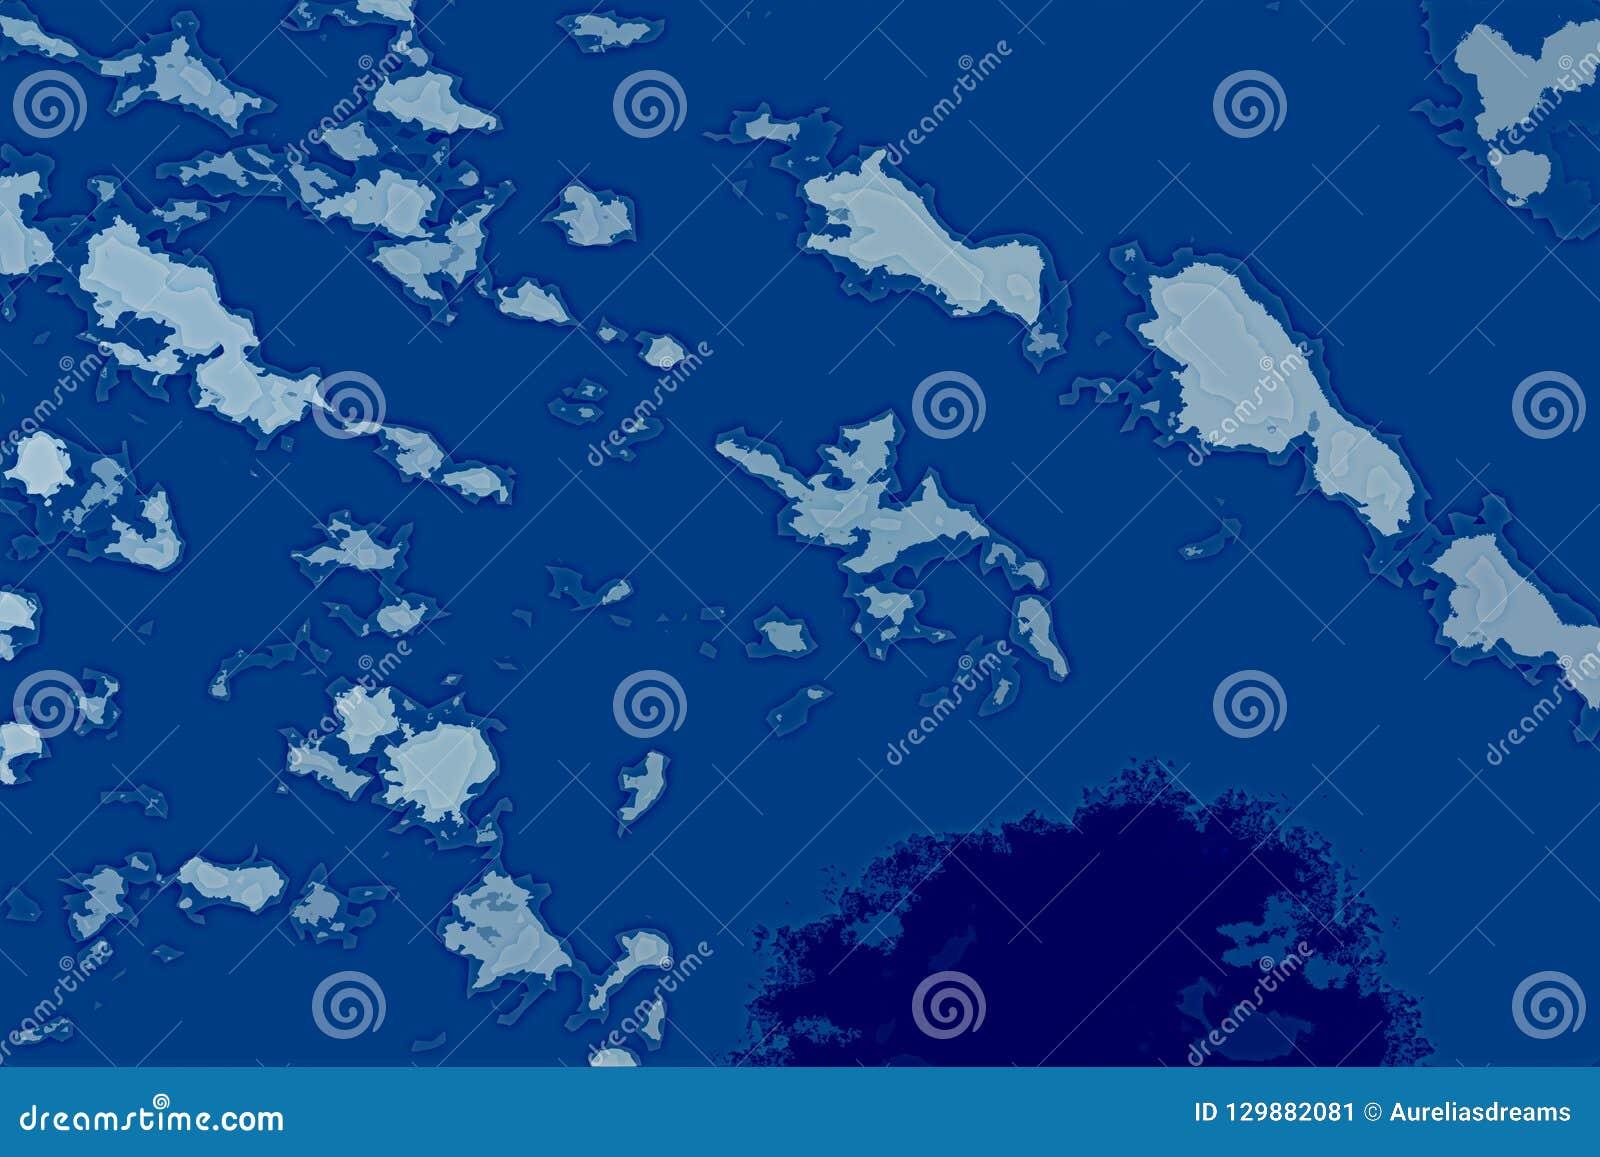 Textura abstracta blanca y azul del fondo Mapa de la fantasía con la línea de la playa del norte, mar, océano, hielo, montañas, n